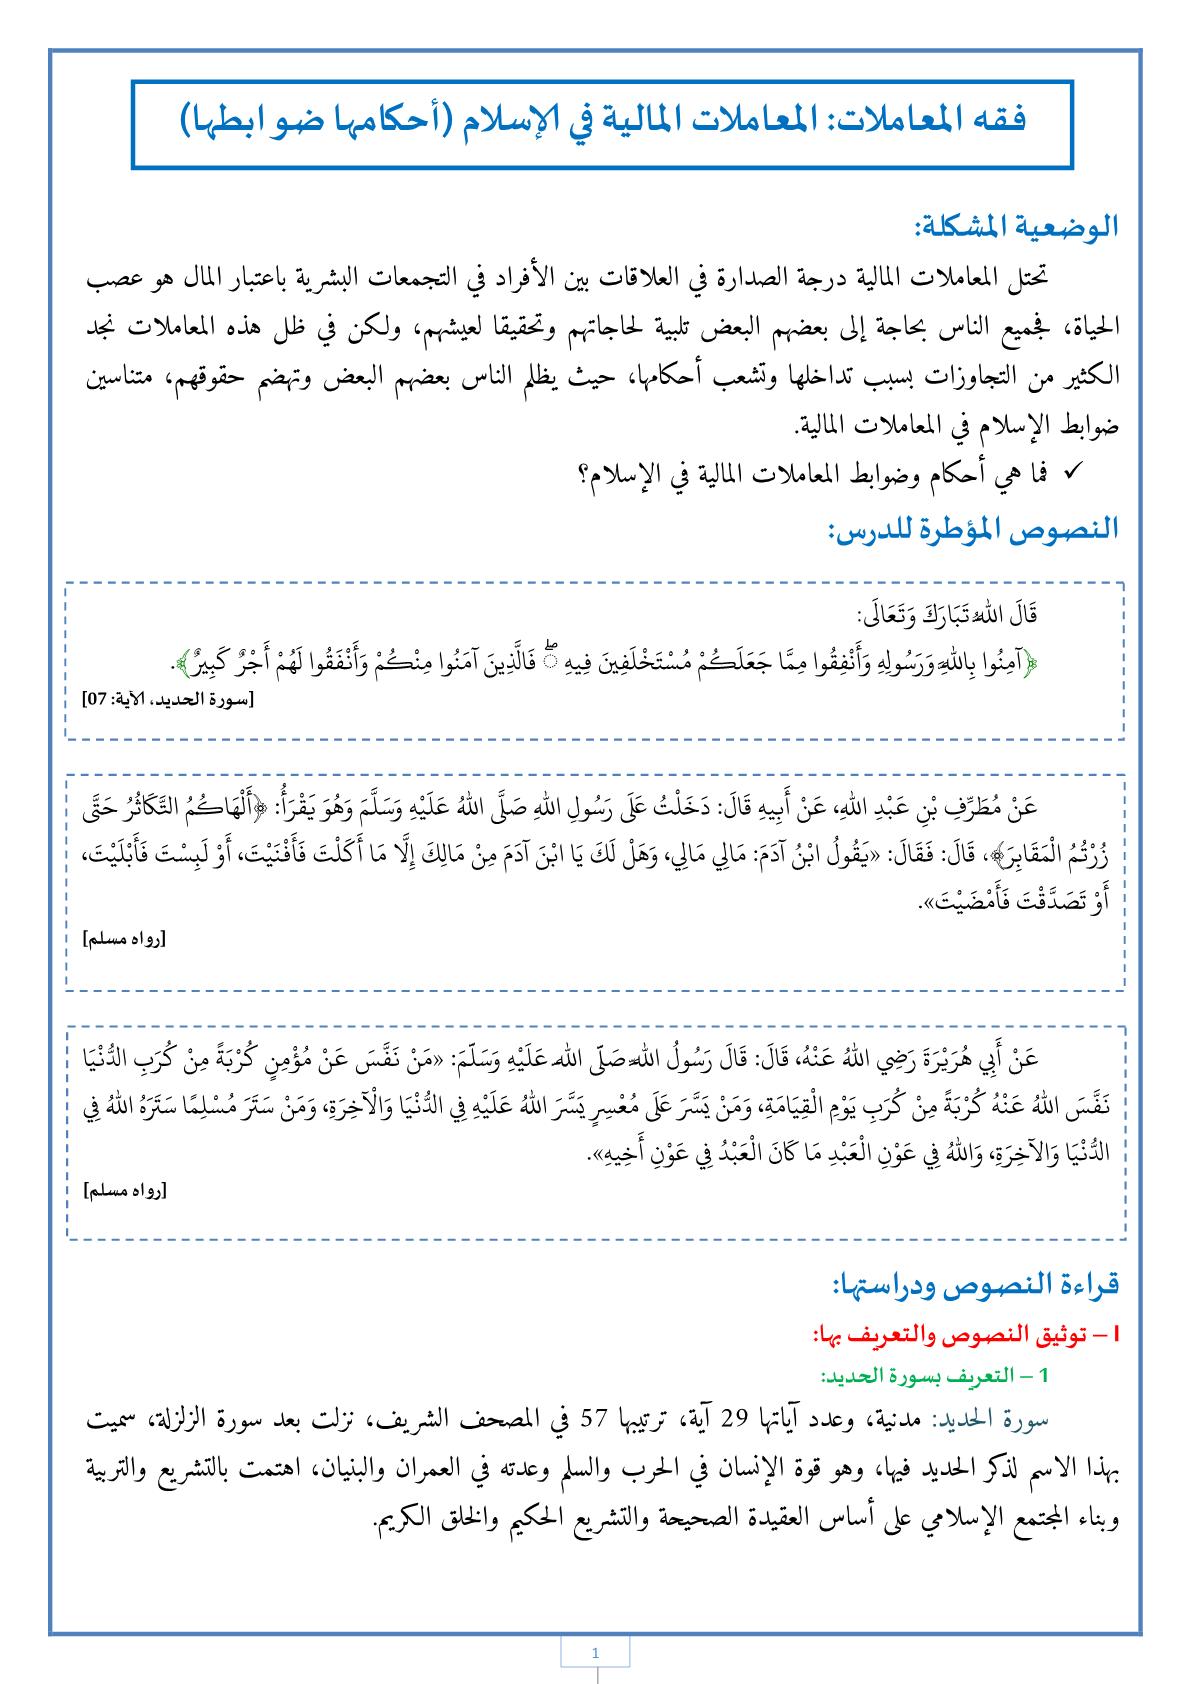 درس المعاملات المالية في الإسلام: أحكامها وضوابطها للجذع المشترك